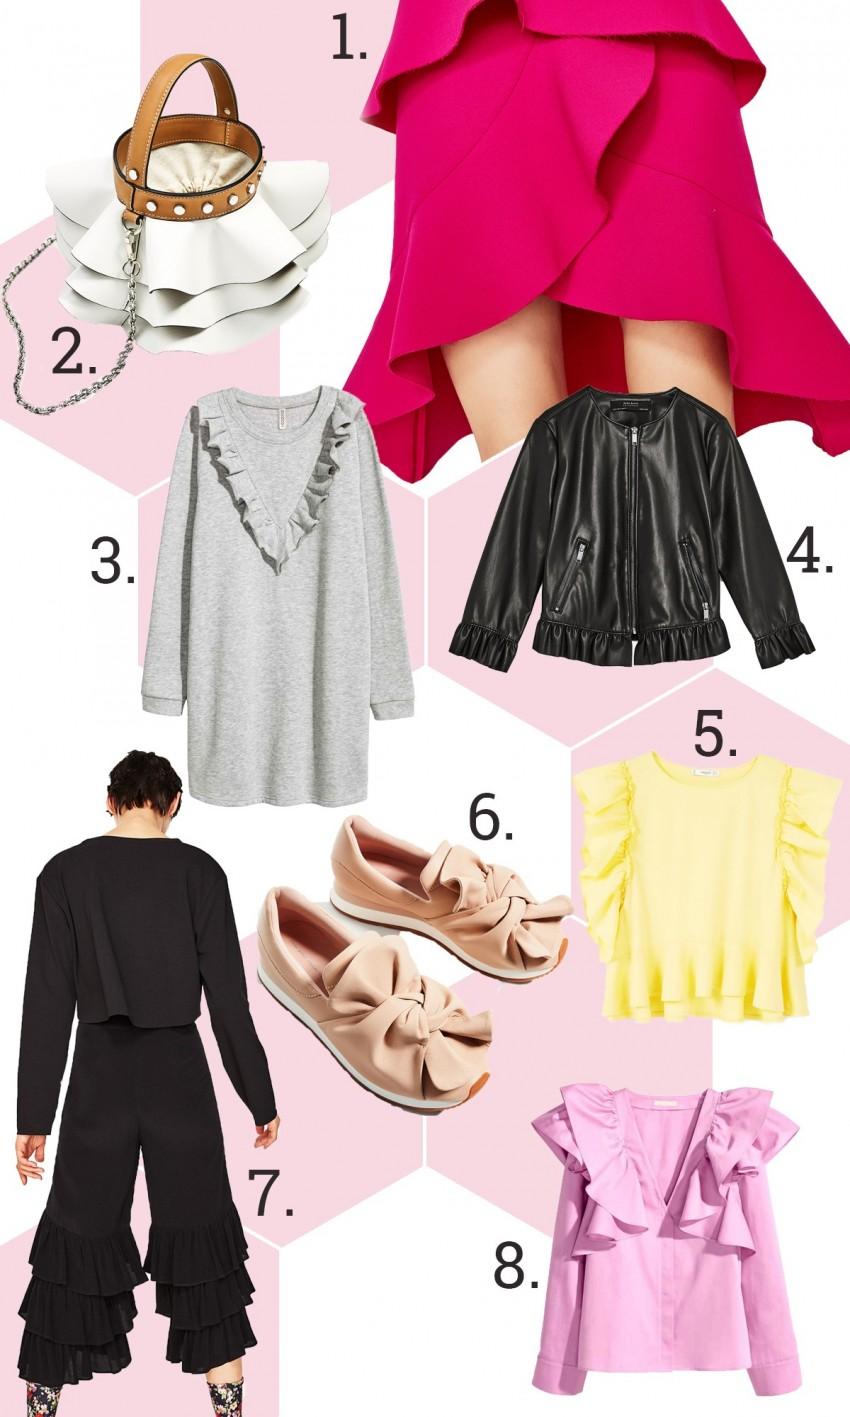 1. Zara, 2. Zara, 3. H&M, 4. Zara, 5. Mango, 6. Zara, 7. Zara, 8. H&M